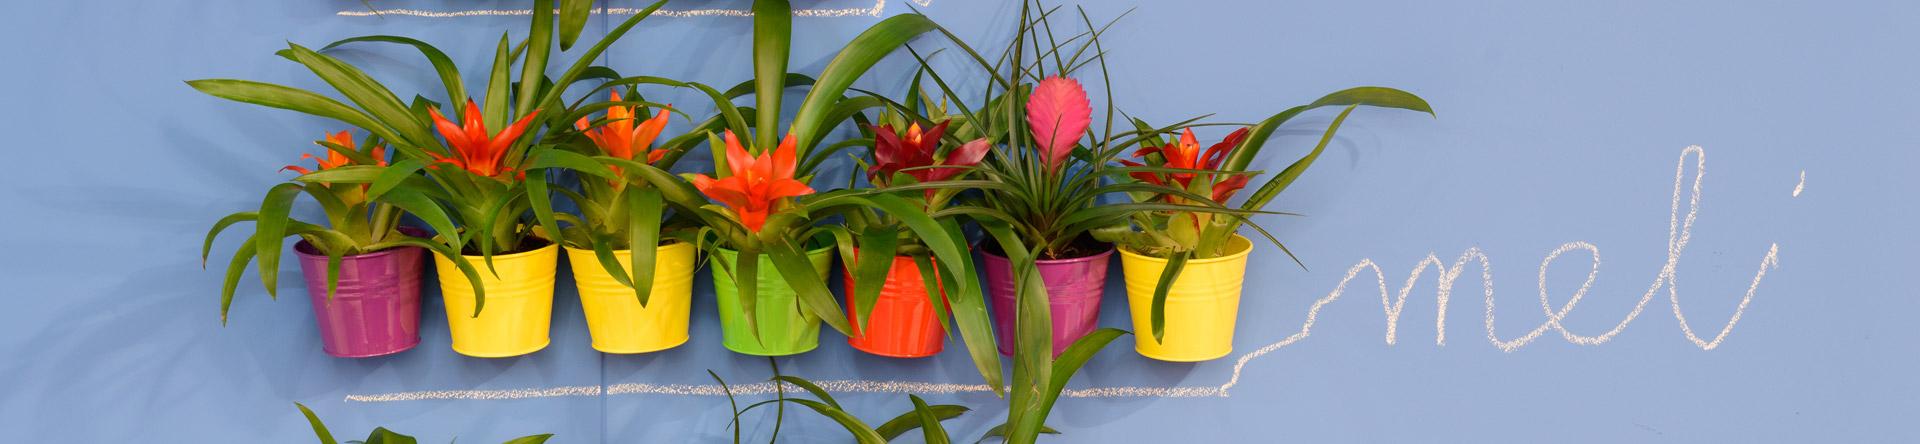 Flamboyant, vrolijk en sterk: Bromelia is de swingende Latina onder de woonplanten met temperamentvolle kleuren en uitgelaten vormen.